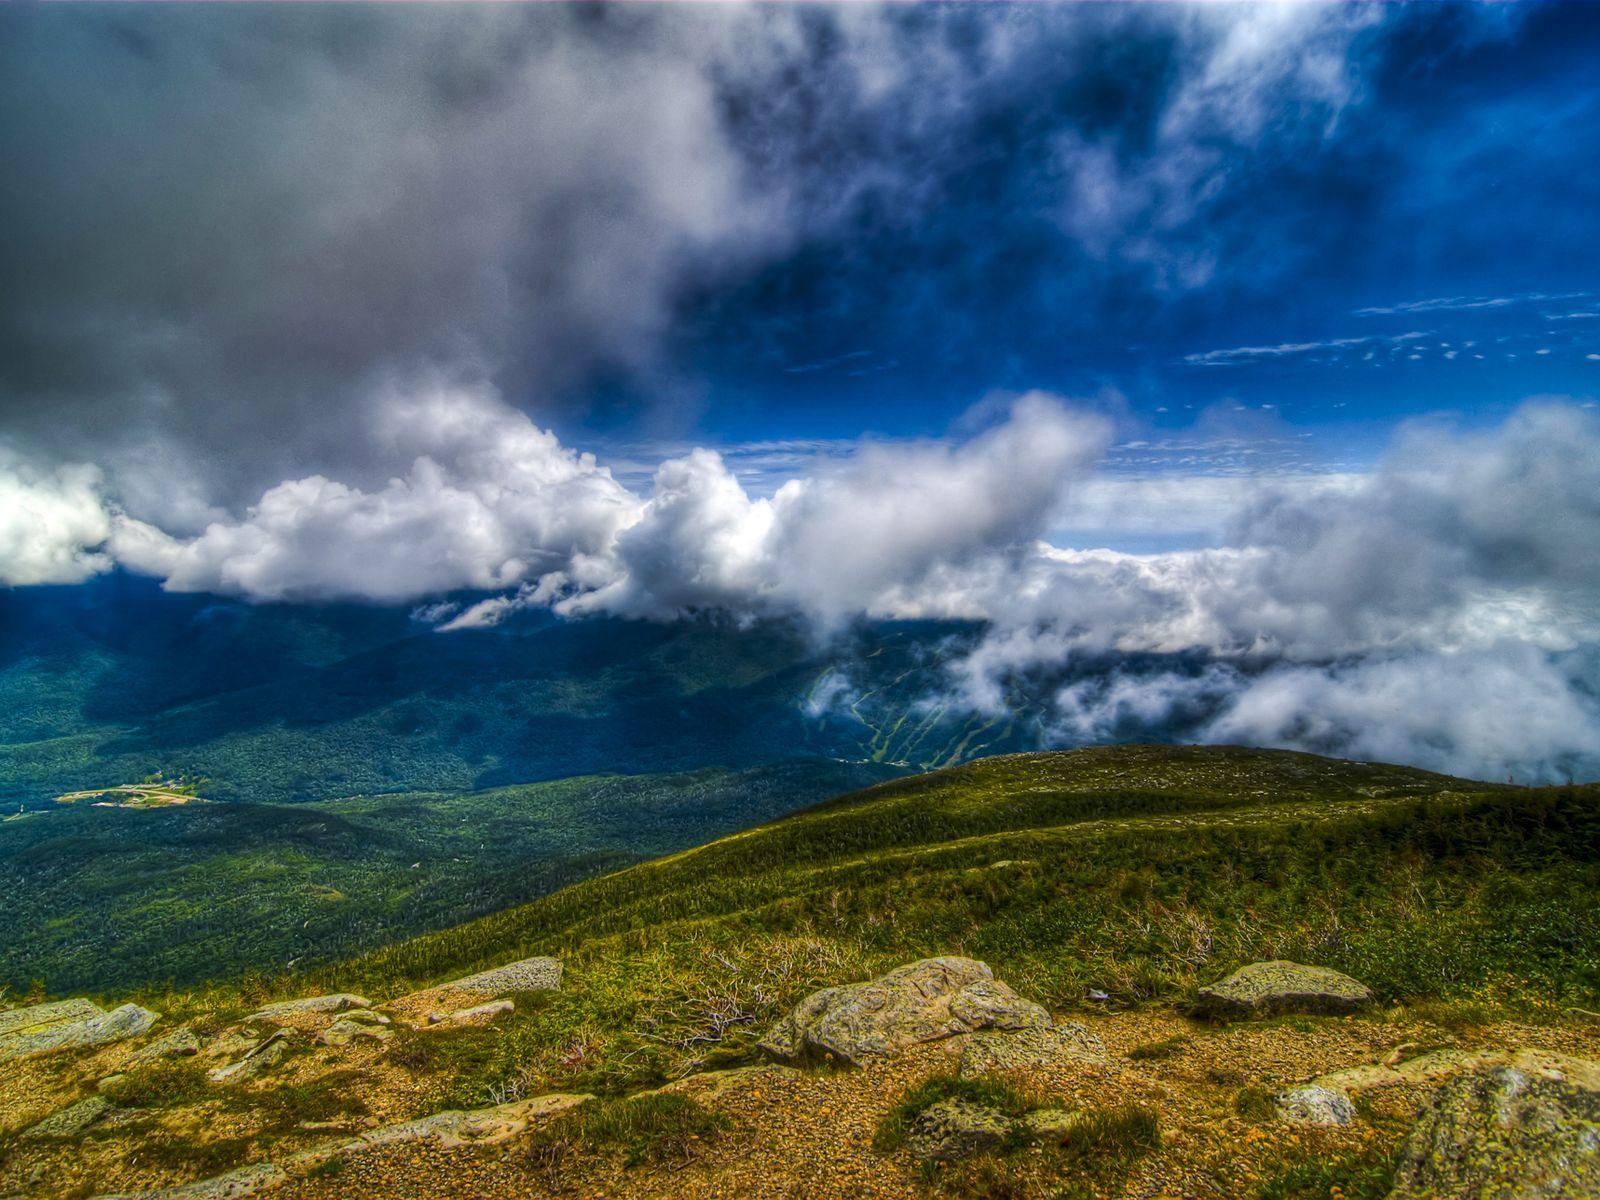 Fond d cran hd paysage montagne paysages nature for Image nature hd gratuit